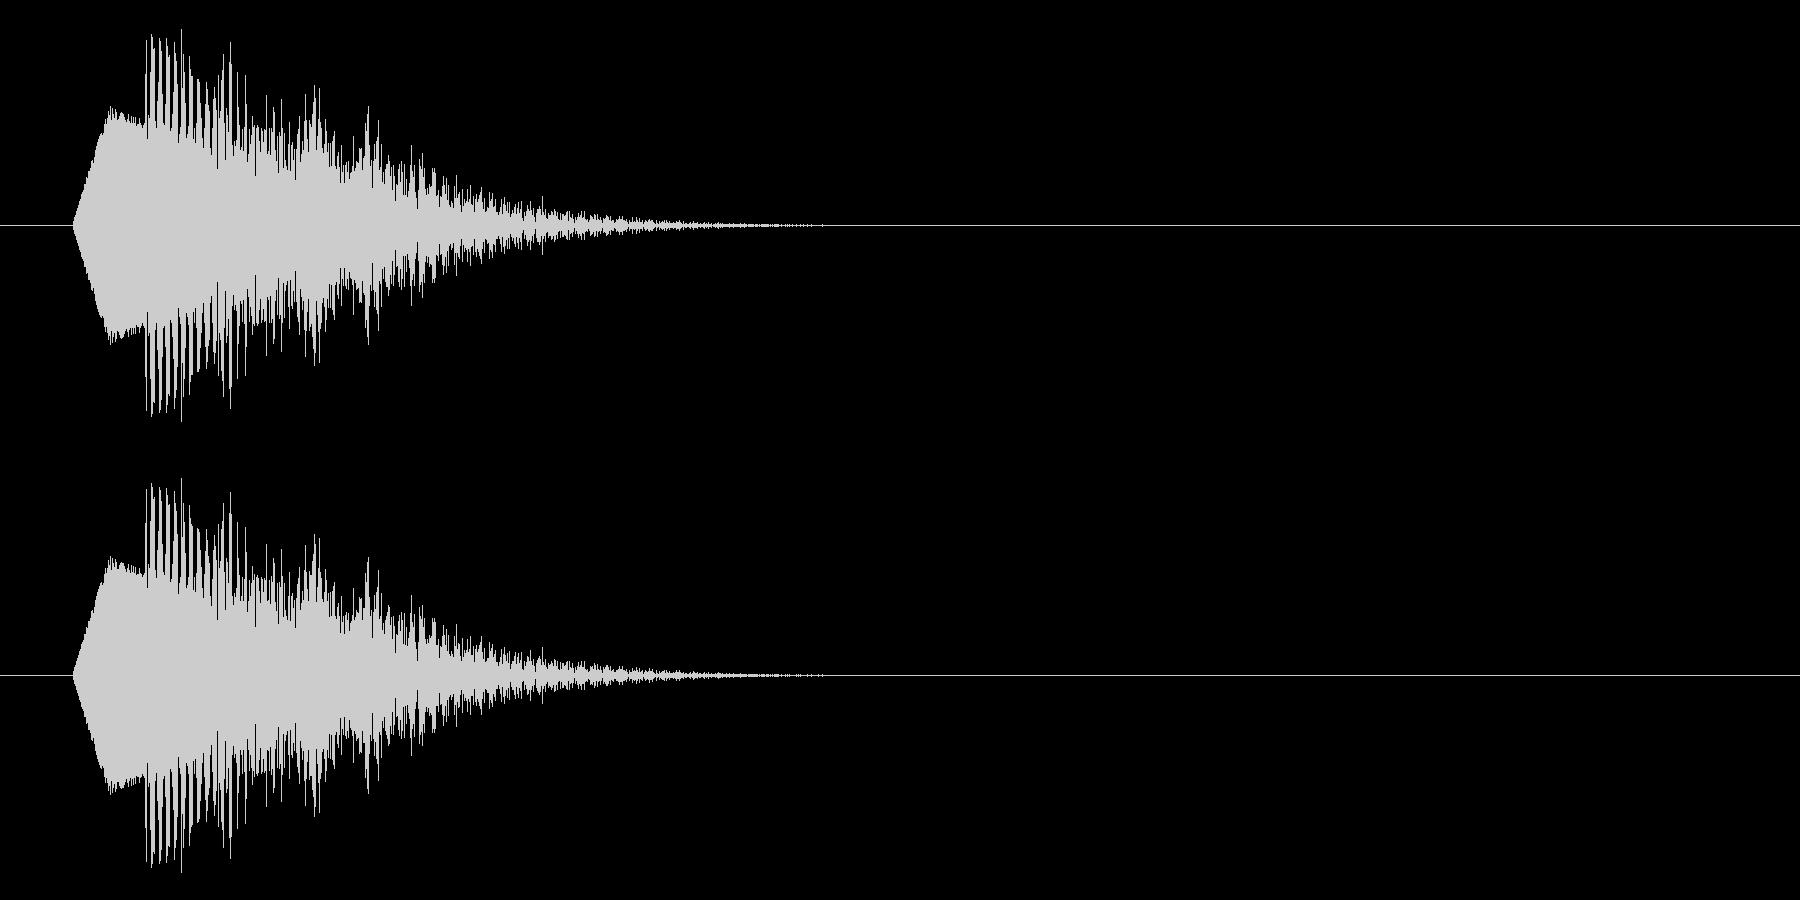 ポップな下降音/残念/落下/キャンセルの未再生の波形